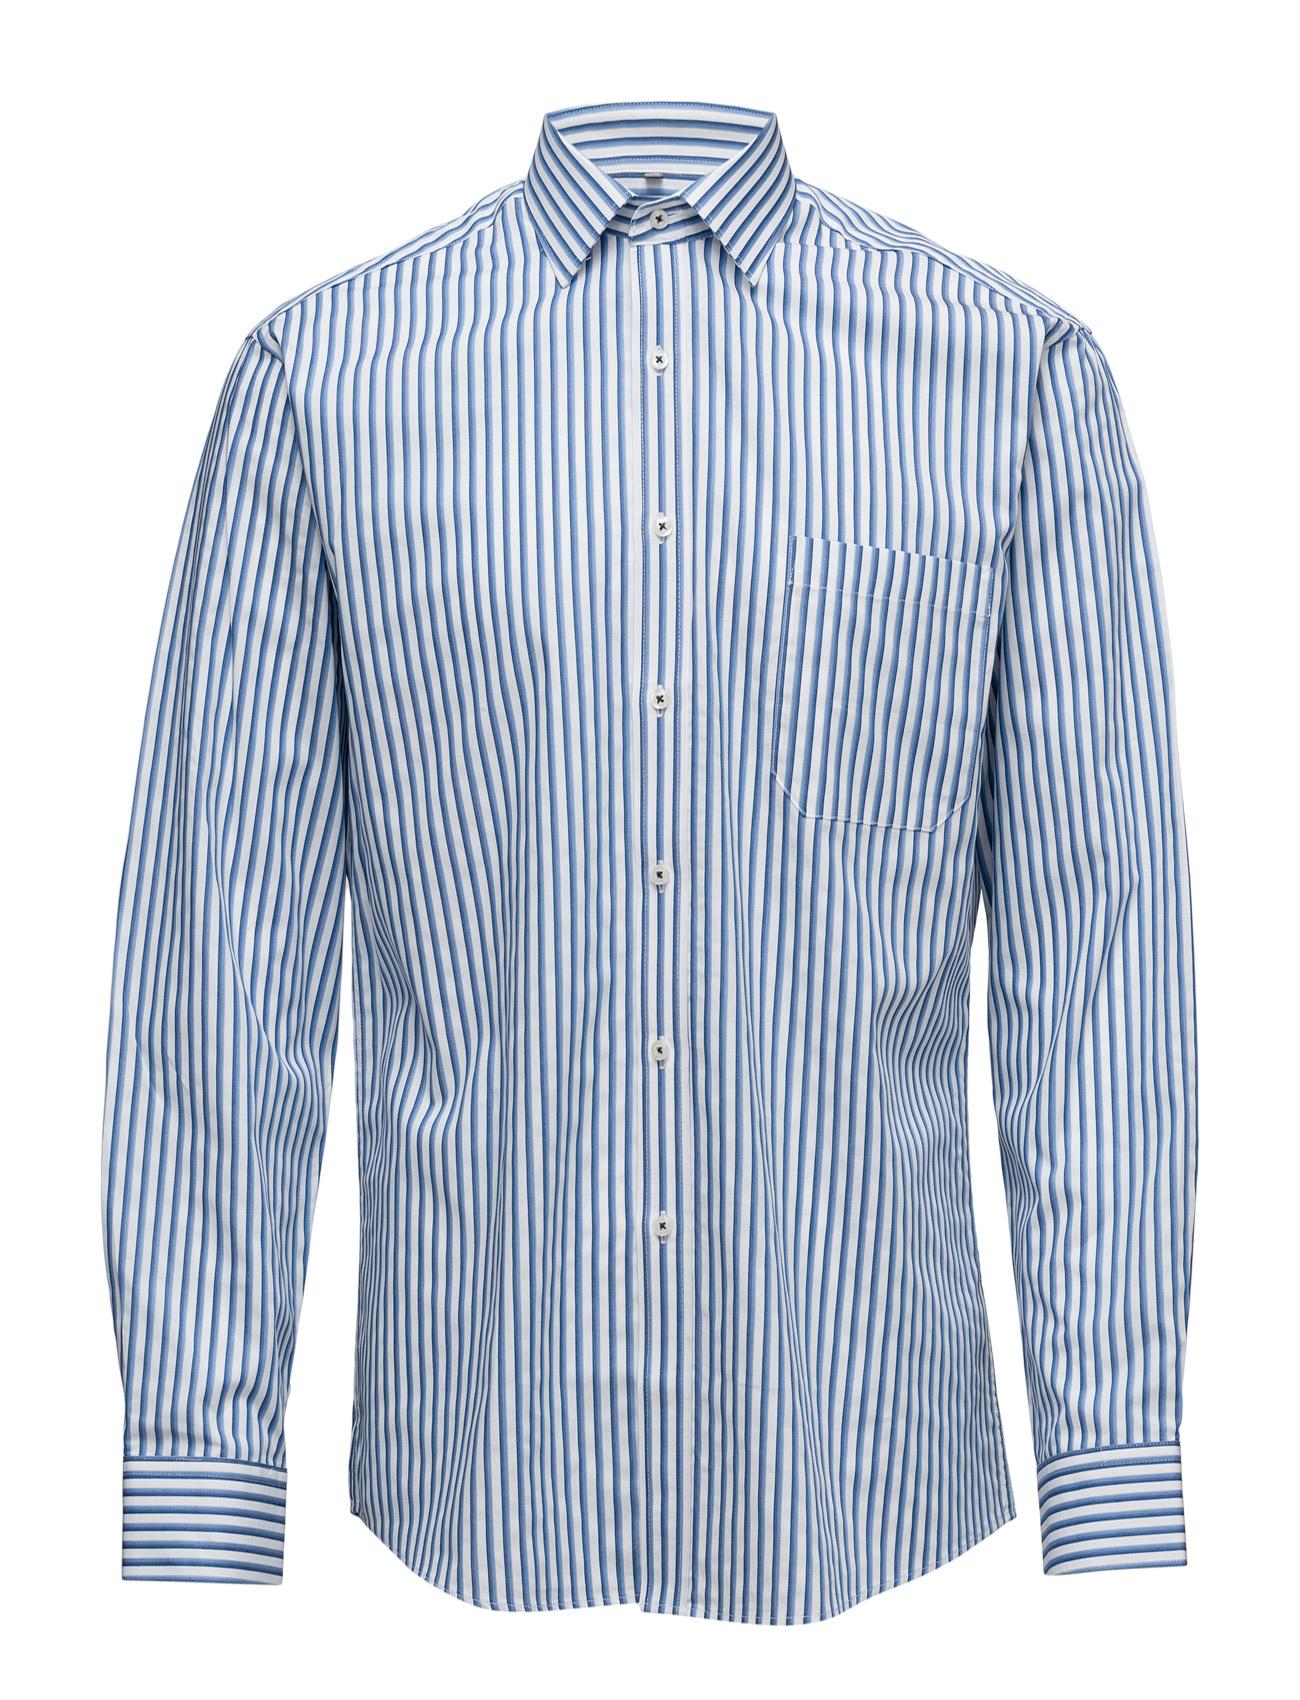 100% Cotton Striped Blue Shirt Modern Fit Seven Seas Casual sko til Mænd i Blå